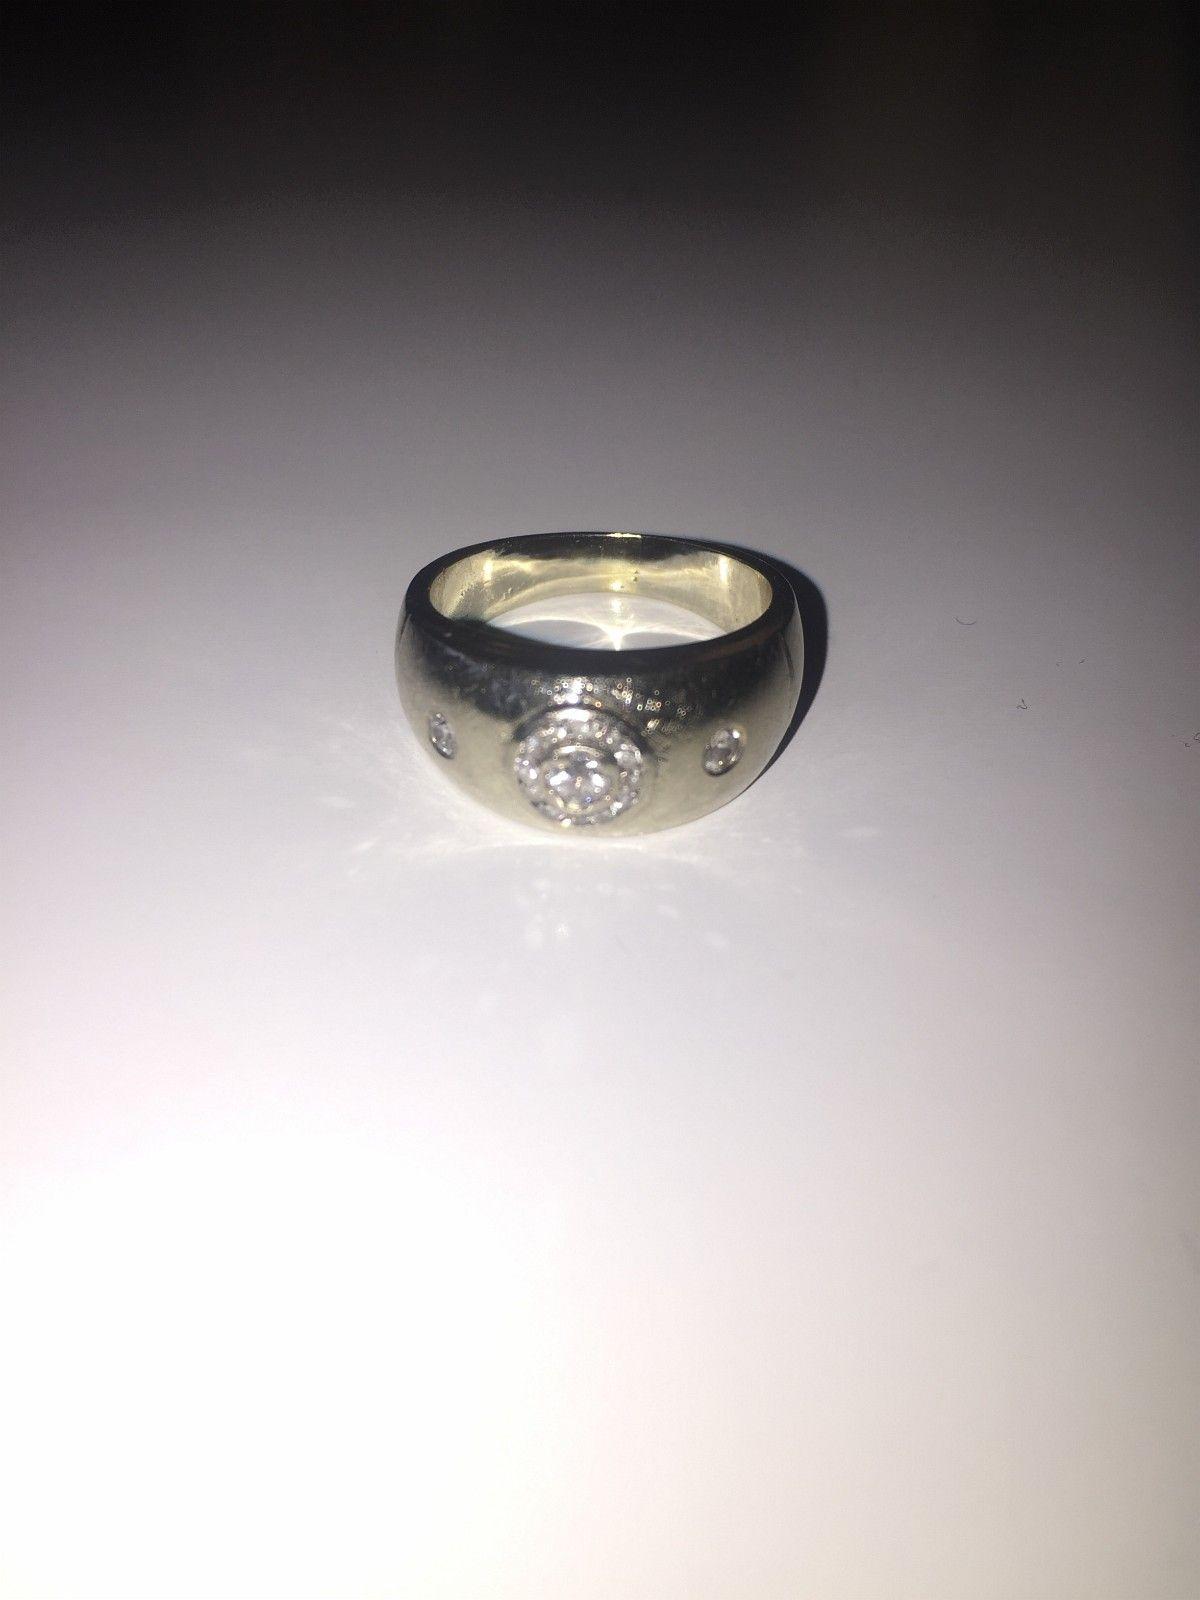 Ring i hvitt gull med diamanter (unisex) !!! Spesialtilbud denne måneden!!! - Oslo  - Ring,14K hvitt gull, unisex. Fattet med 2 stk hvite oldcut diamanter ca 0.07ct per sten. Fattet med hvit 0.10ct brilliant med meget små inneslutninger. 12 stk 1.2mm 8/8cut diamanter. Vekt 7.5g Merkene som vises på ringen er ikke riper, men en d - Oslo